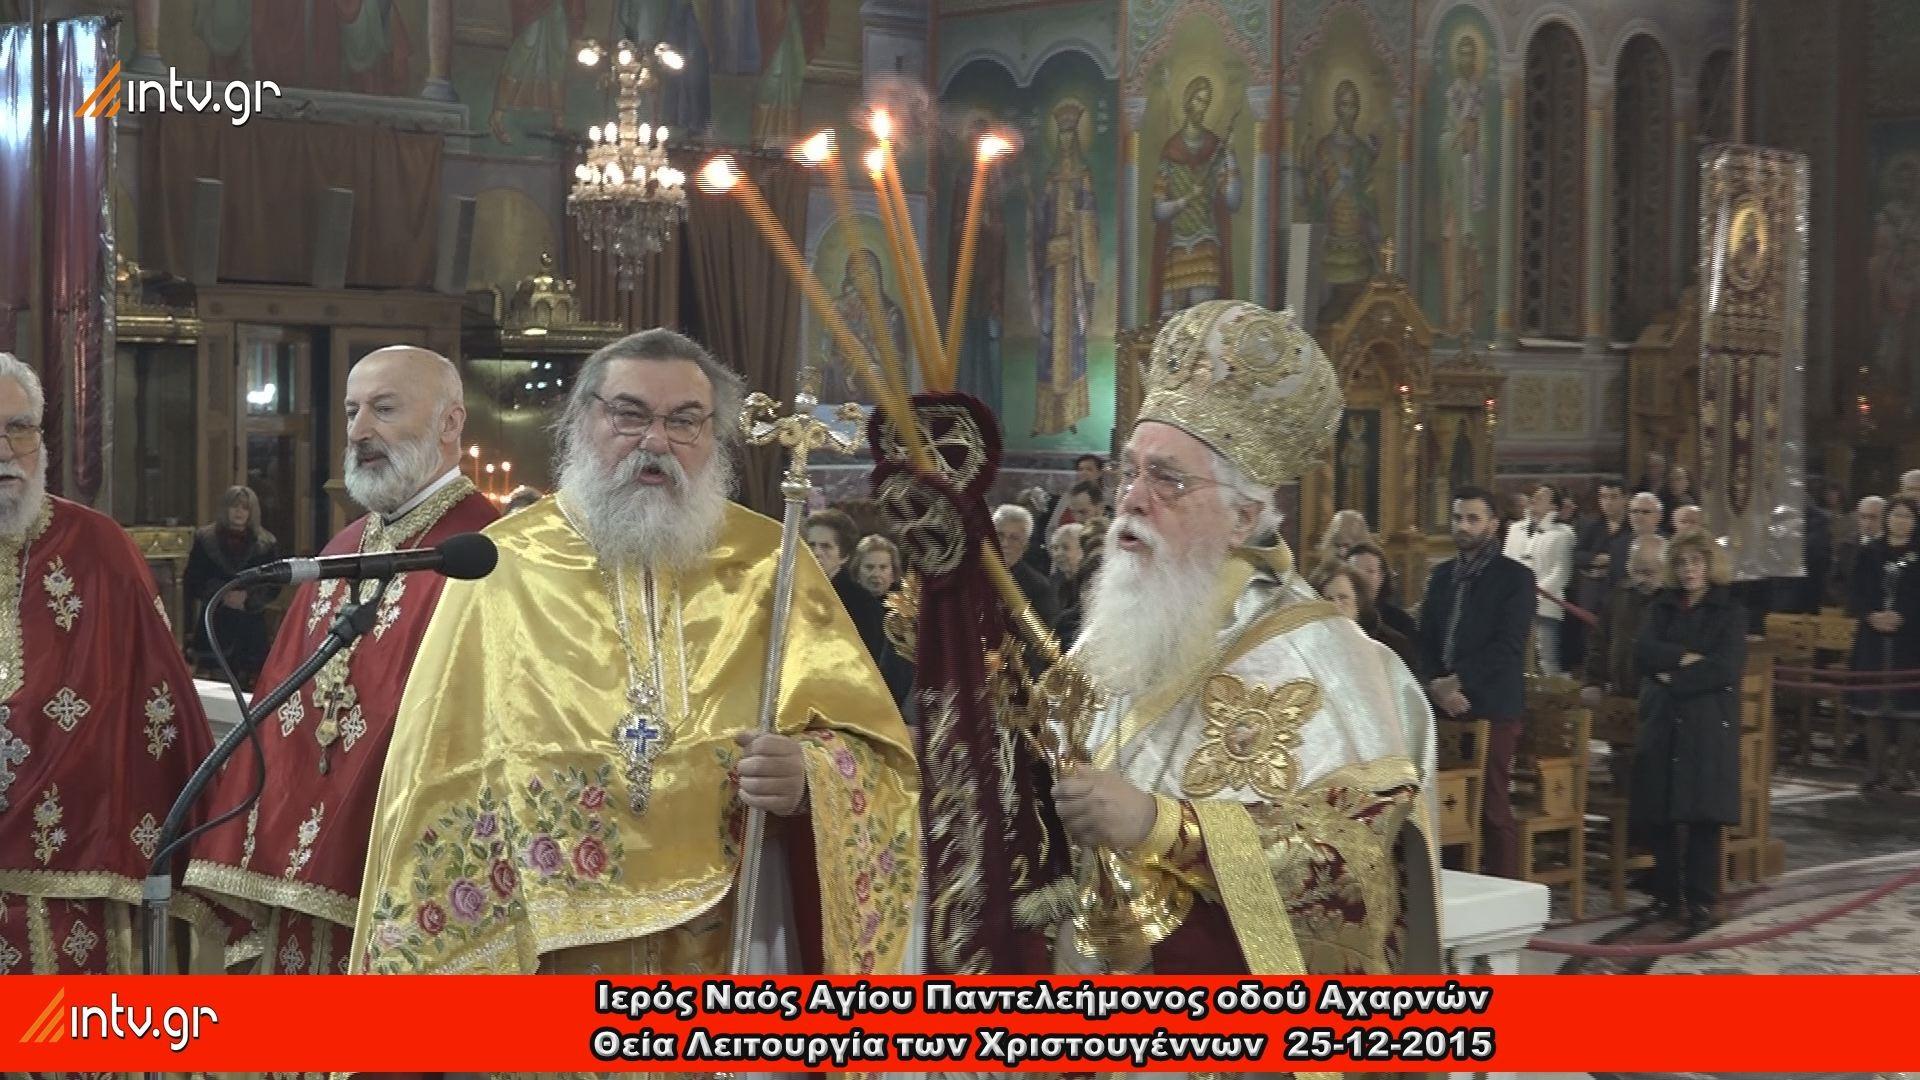 Ιερός Ναός Αγίου Παντελεήμονος οδού Αχαρνών - Θεία Λειτουργία των Χριστουγέννων